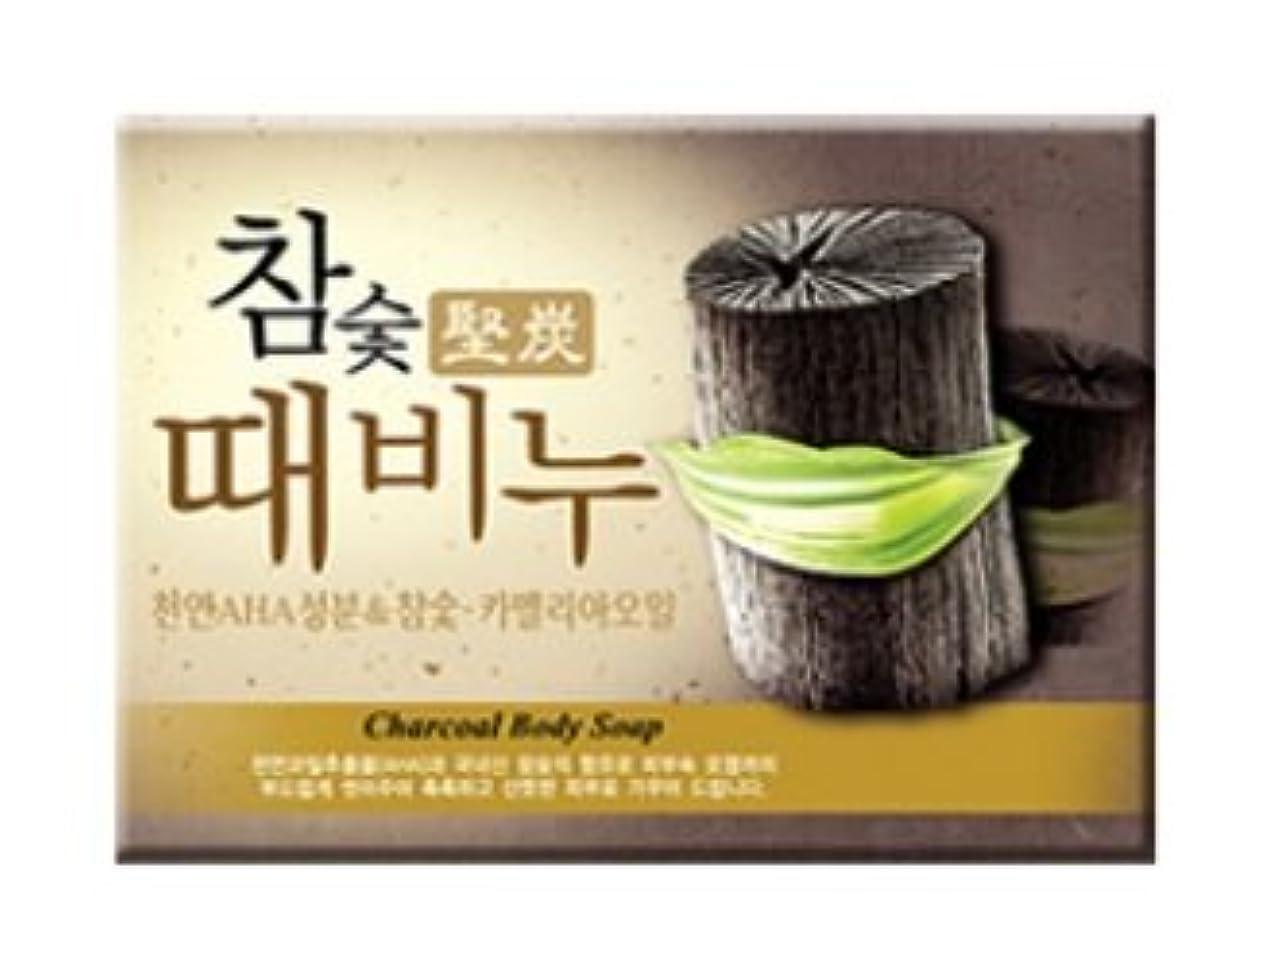 餌一貫性のない速報堅炭ソープ 100g / Charcoal Body Soap [並行輸入品]